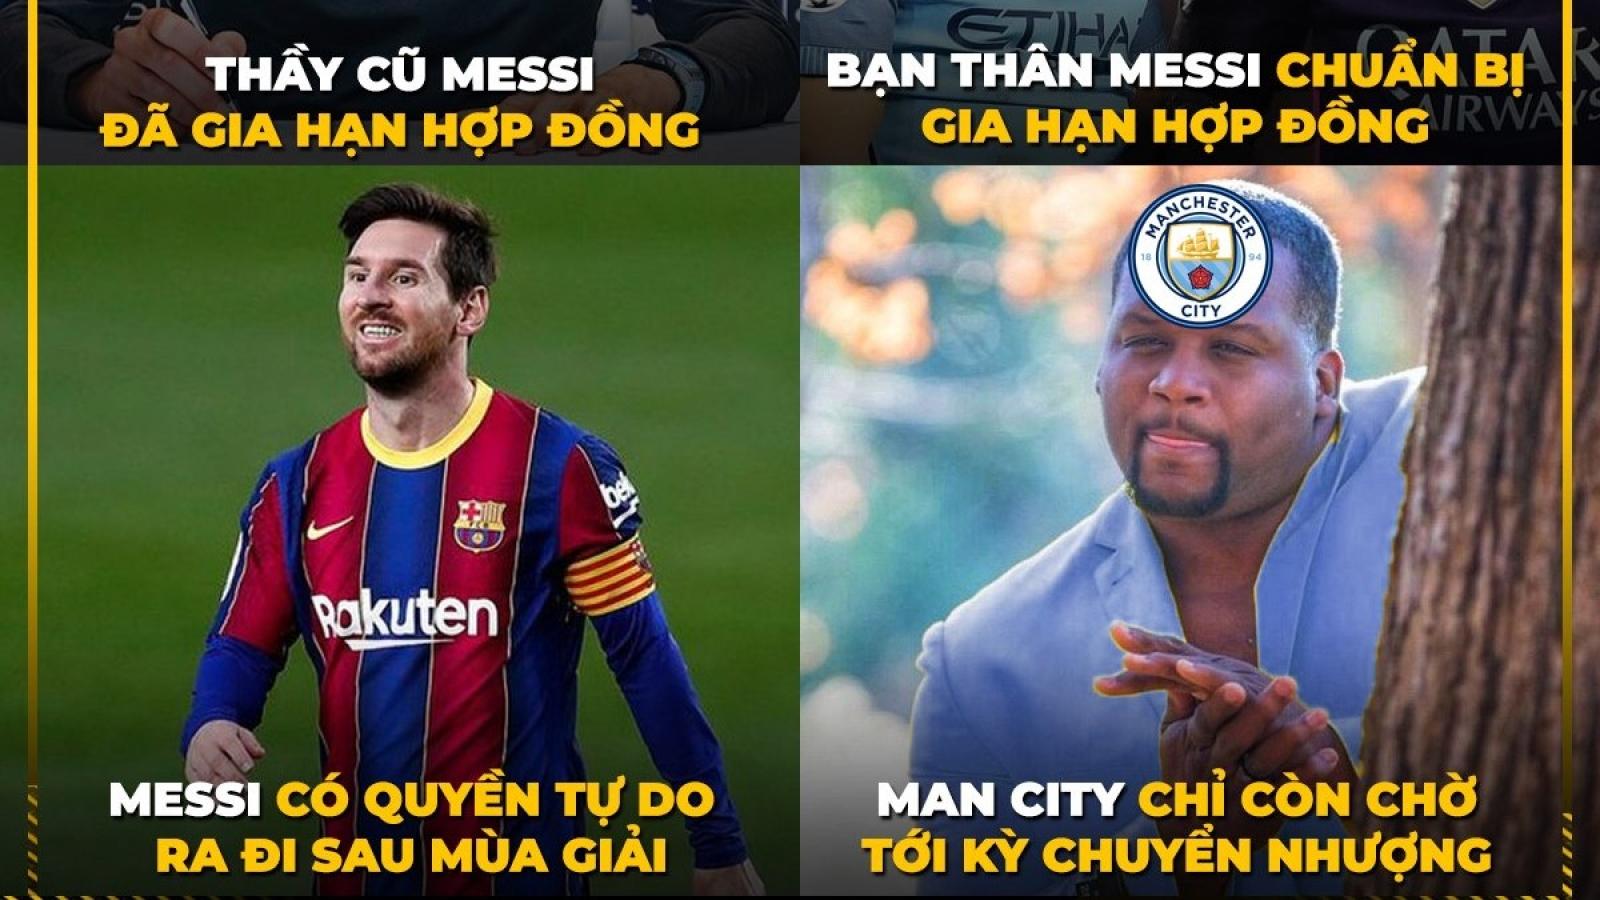 Biếm họa 24h: Guardiola háo hức chờ Messi đến Man City